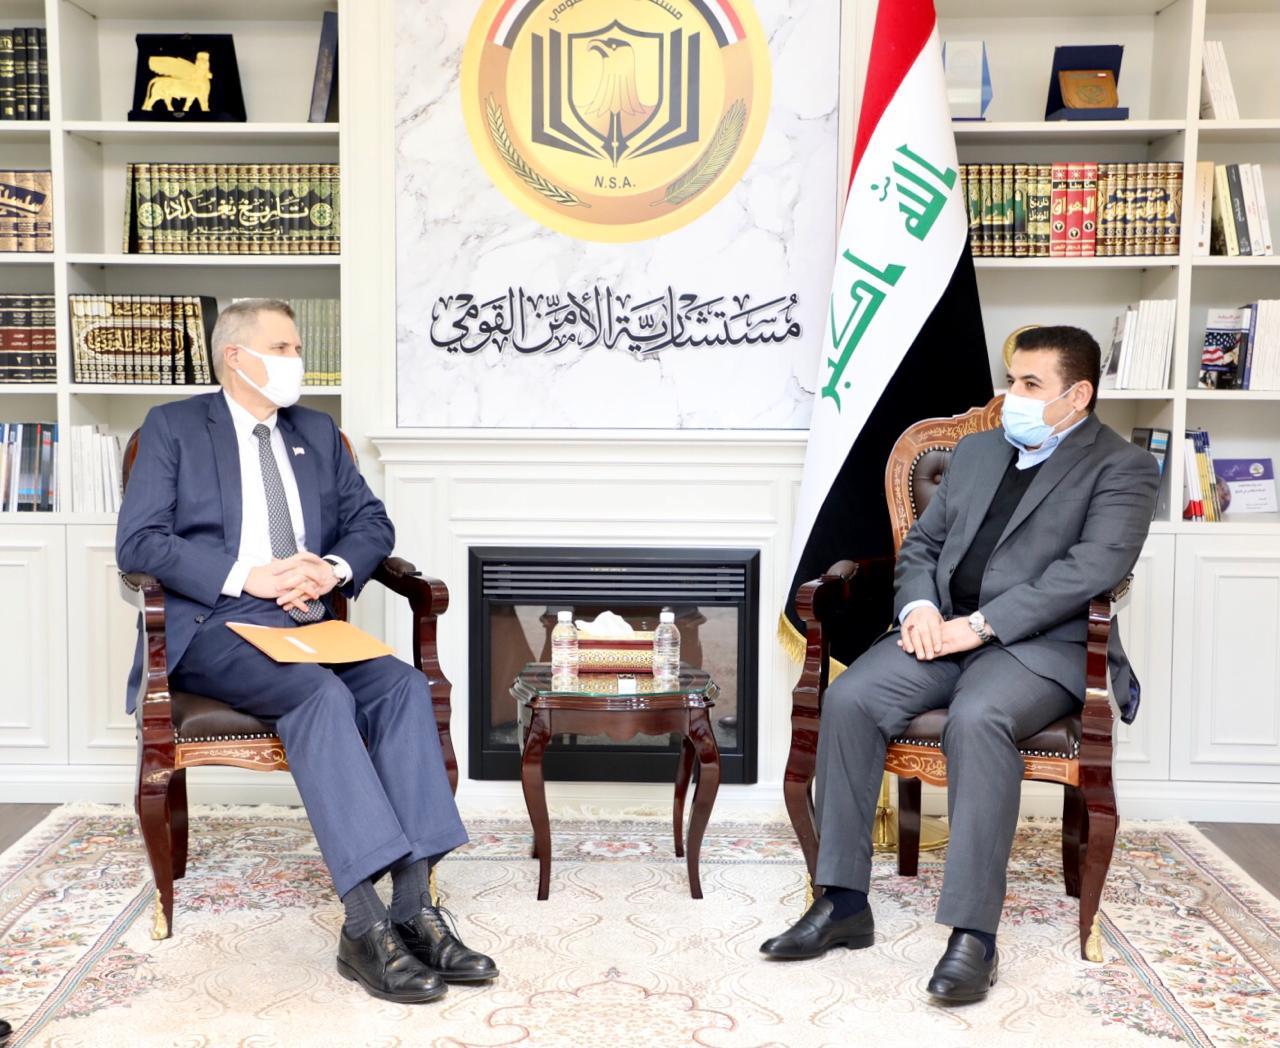 الأعرجي يبحث مع السفير تولر المضي بخفض القوات الأمريكية في العراق